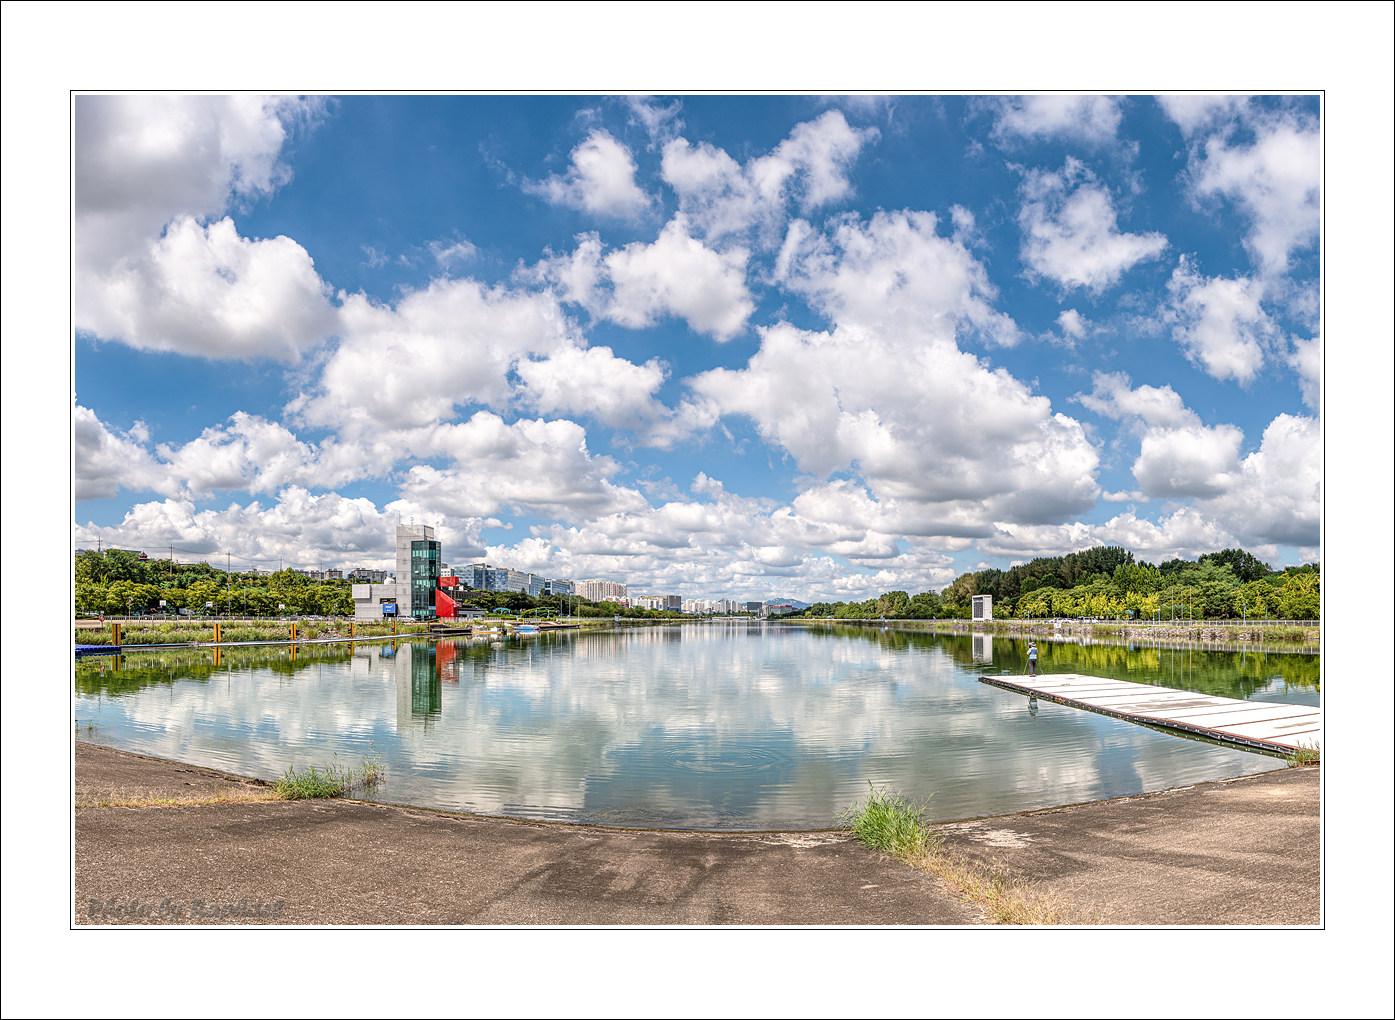 DSC_7822-26 2-3 Panorama.jpg